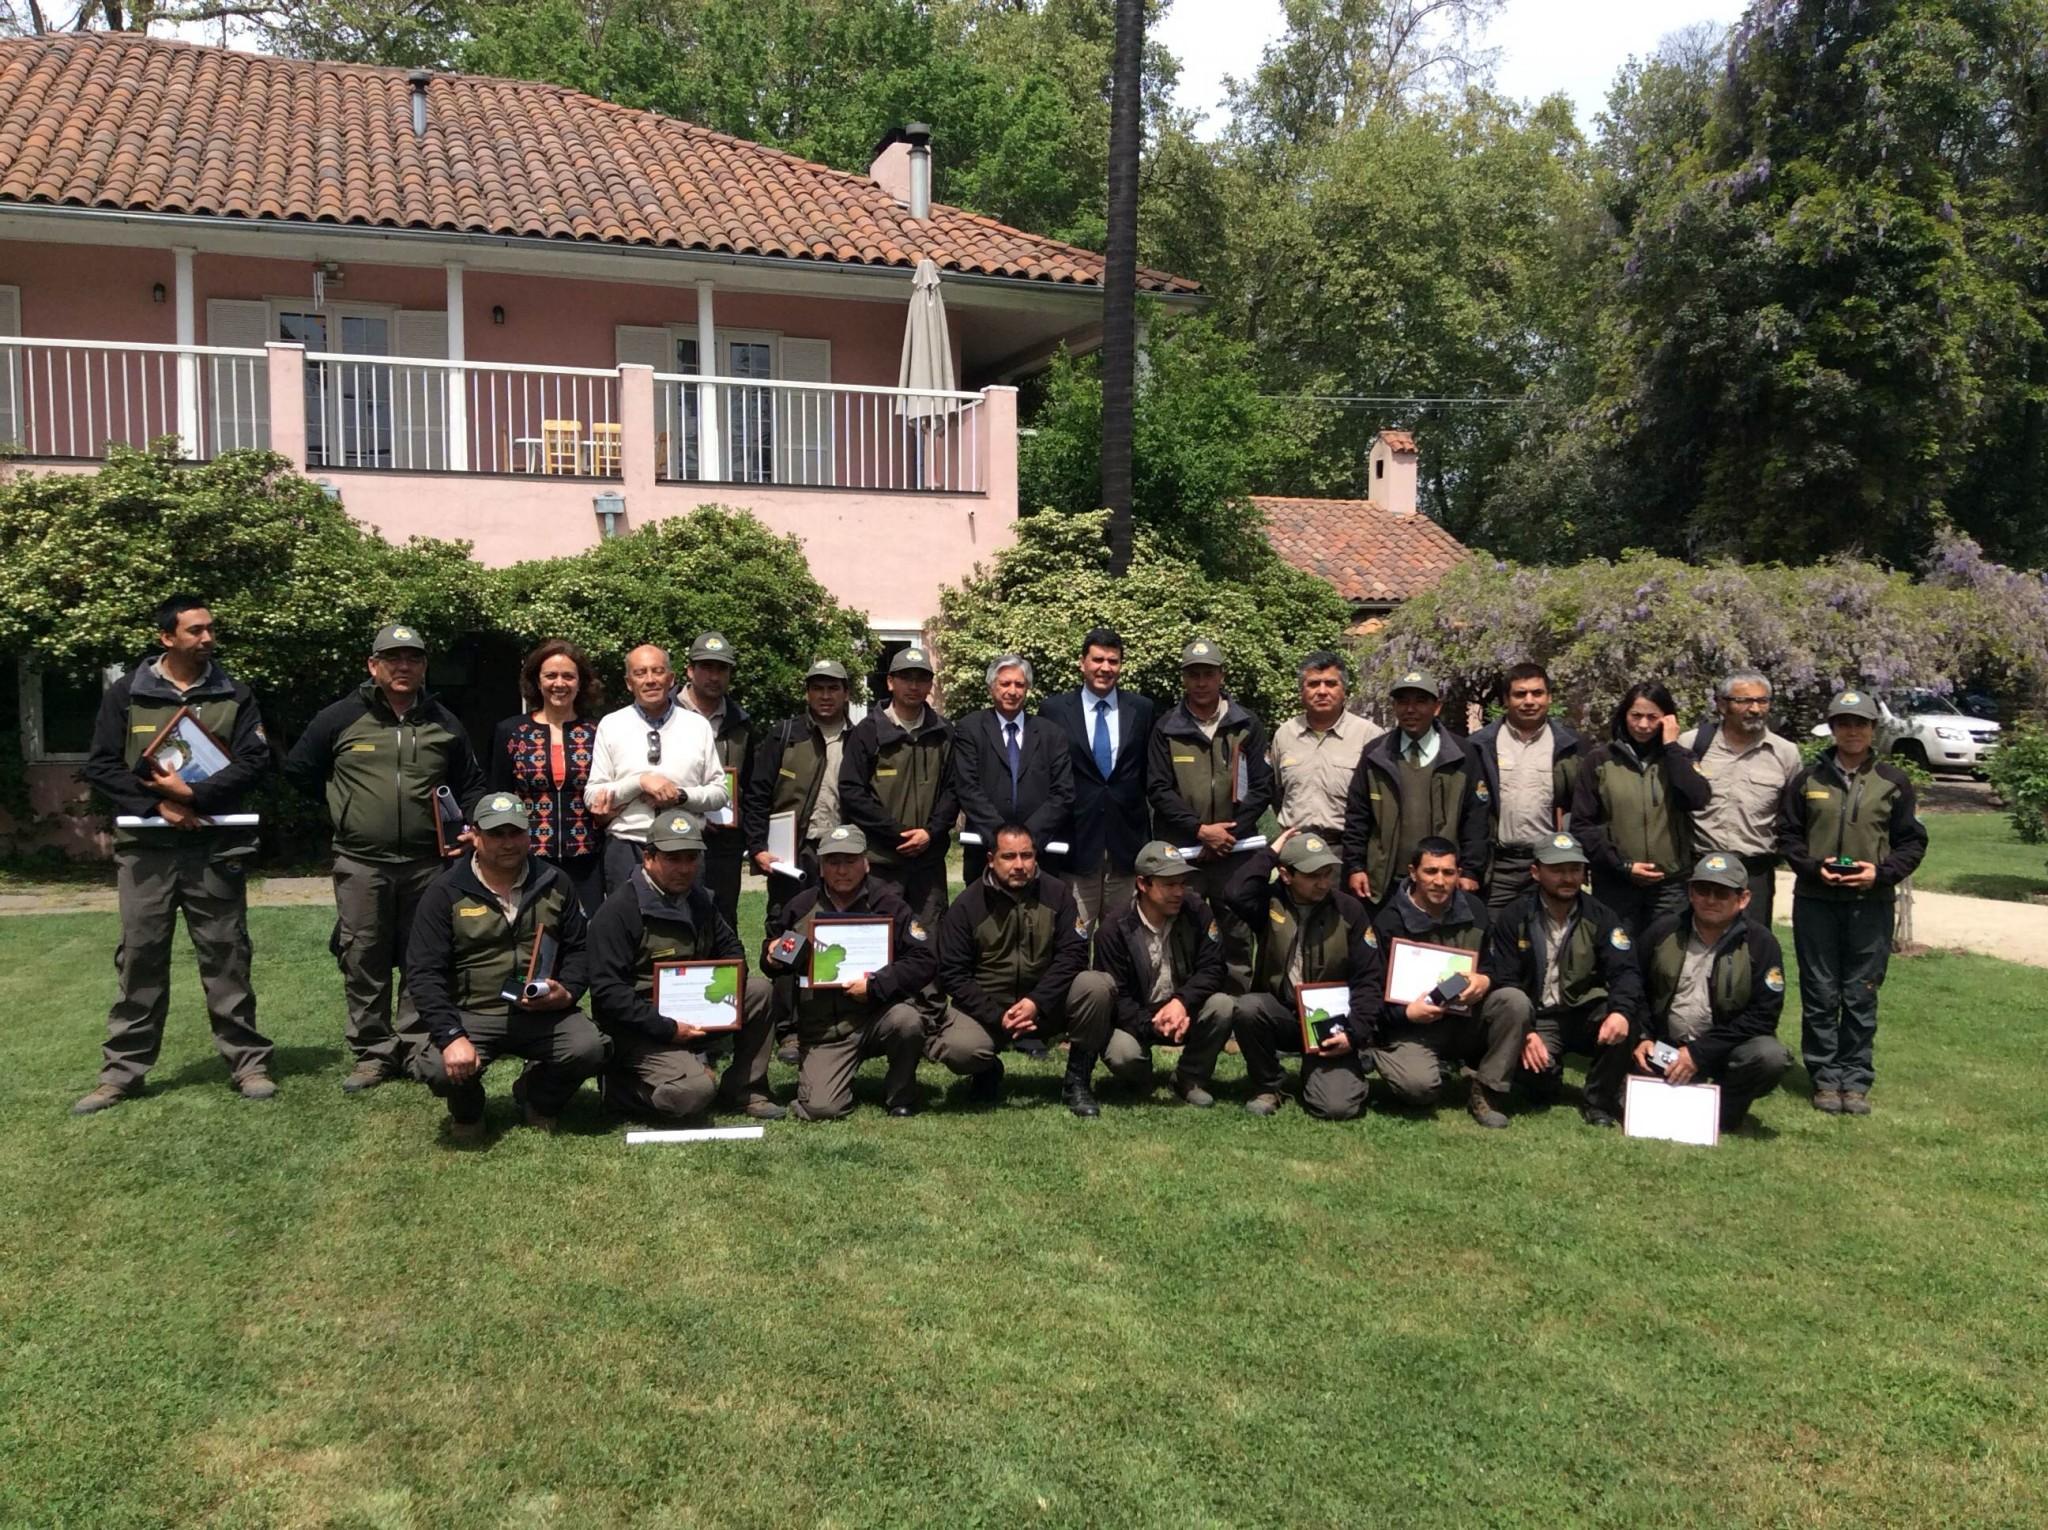 Subsecretario de Agricultura destaca trabajo de guardaparques en la celebración de su centenario